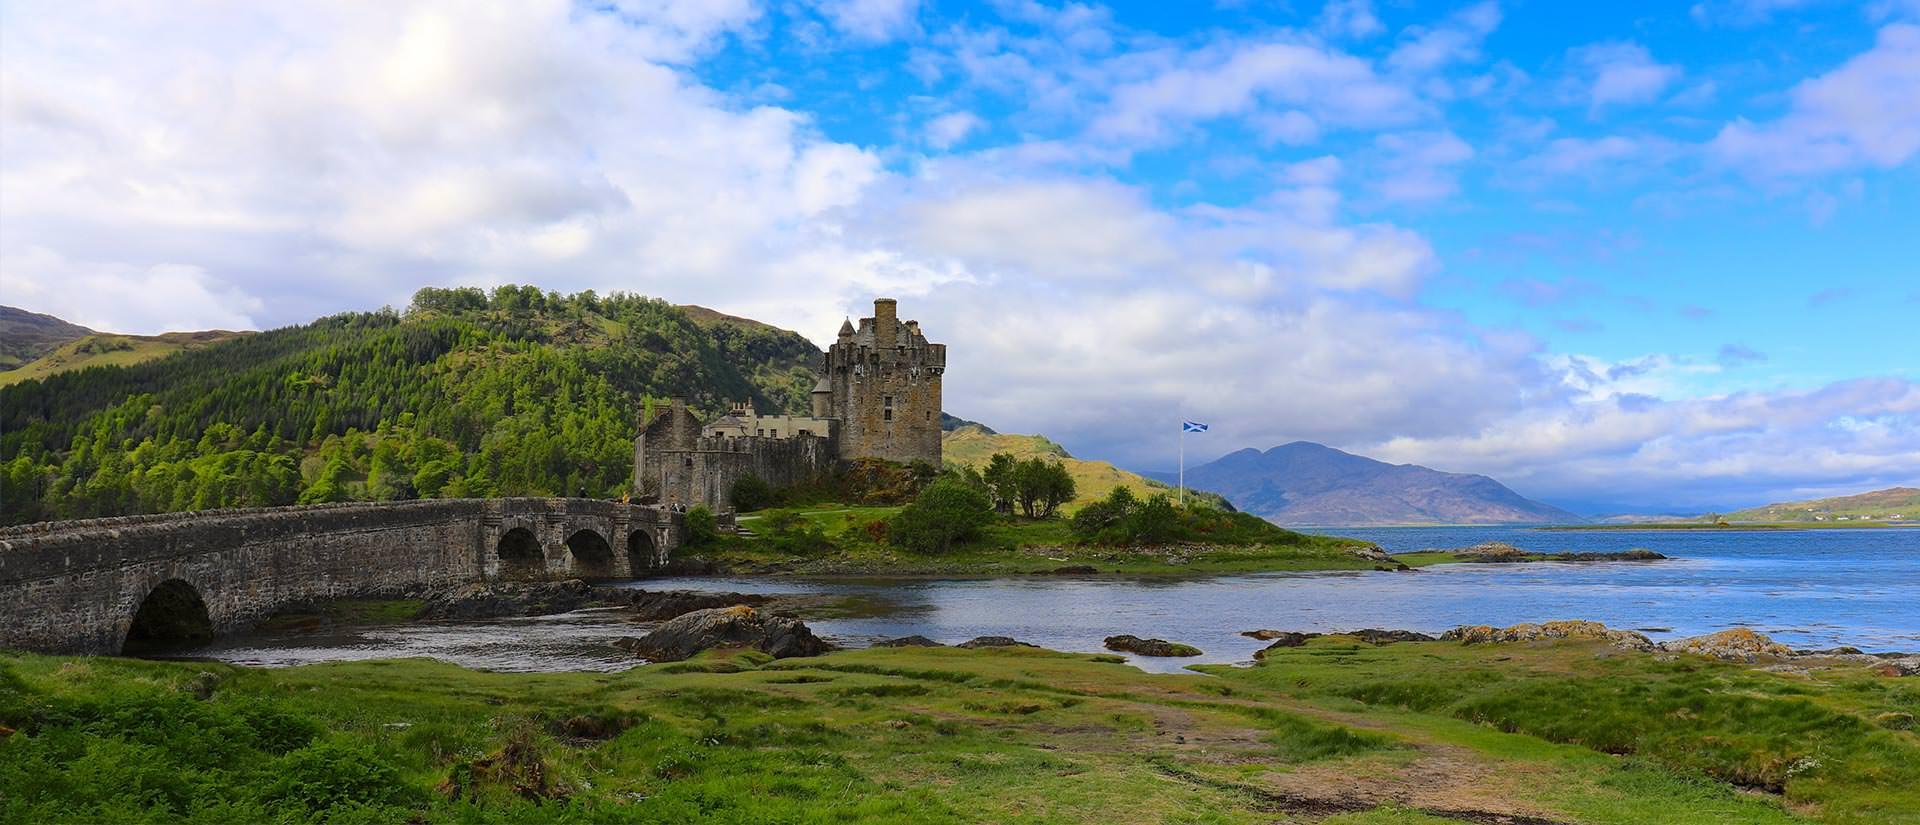 טיול לסקוטלנד - 8 ימים - טבע פראי, אגמים, טירות וויסקי בארצו של וויליאם וולאס